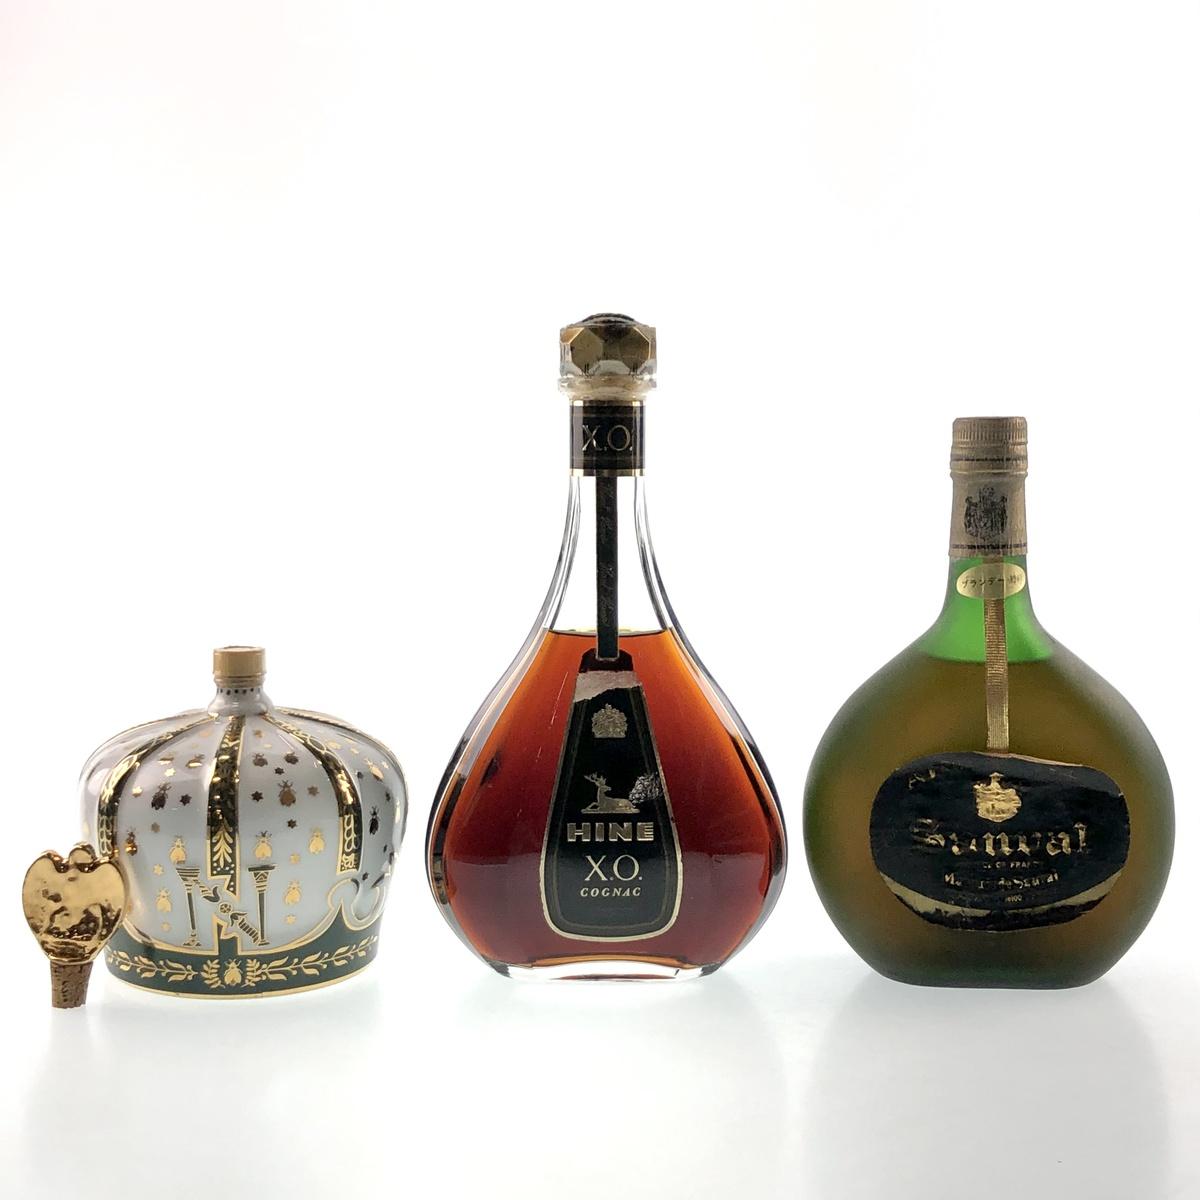 酒セット USED 送料無料 100%品質保証! 3本 人気急上昇 コニャック アルマニャック 中古 セット ブランデー